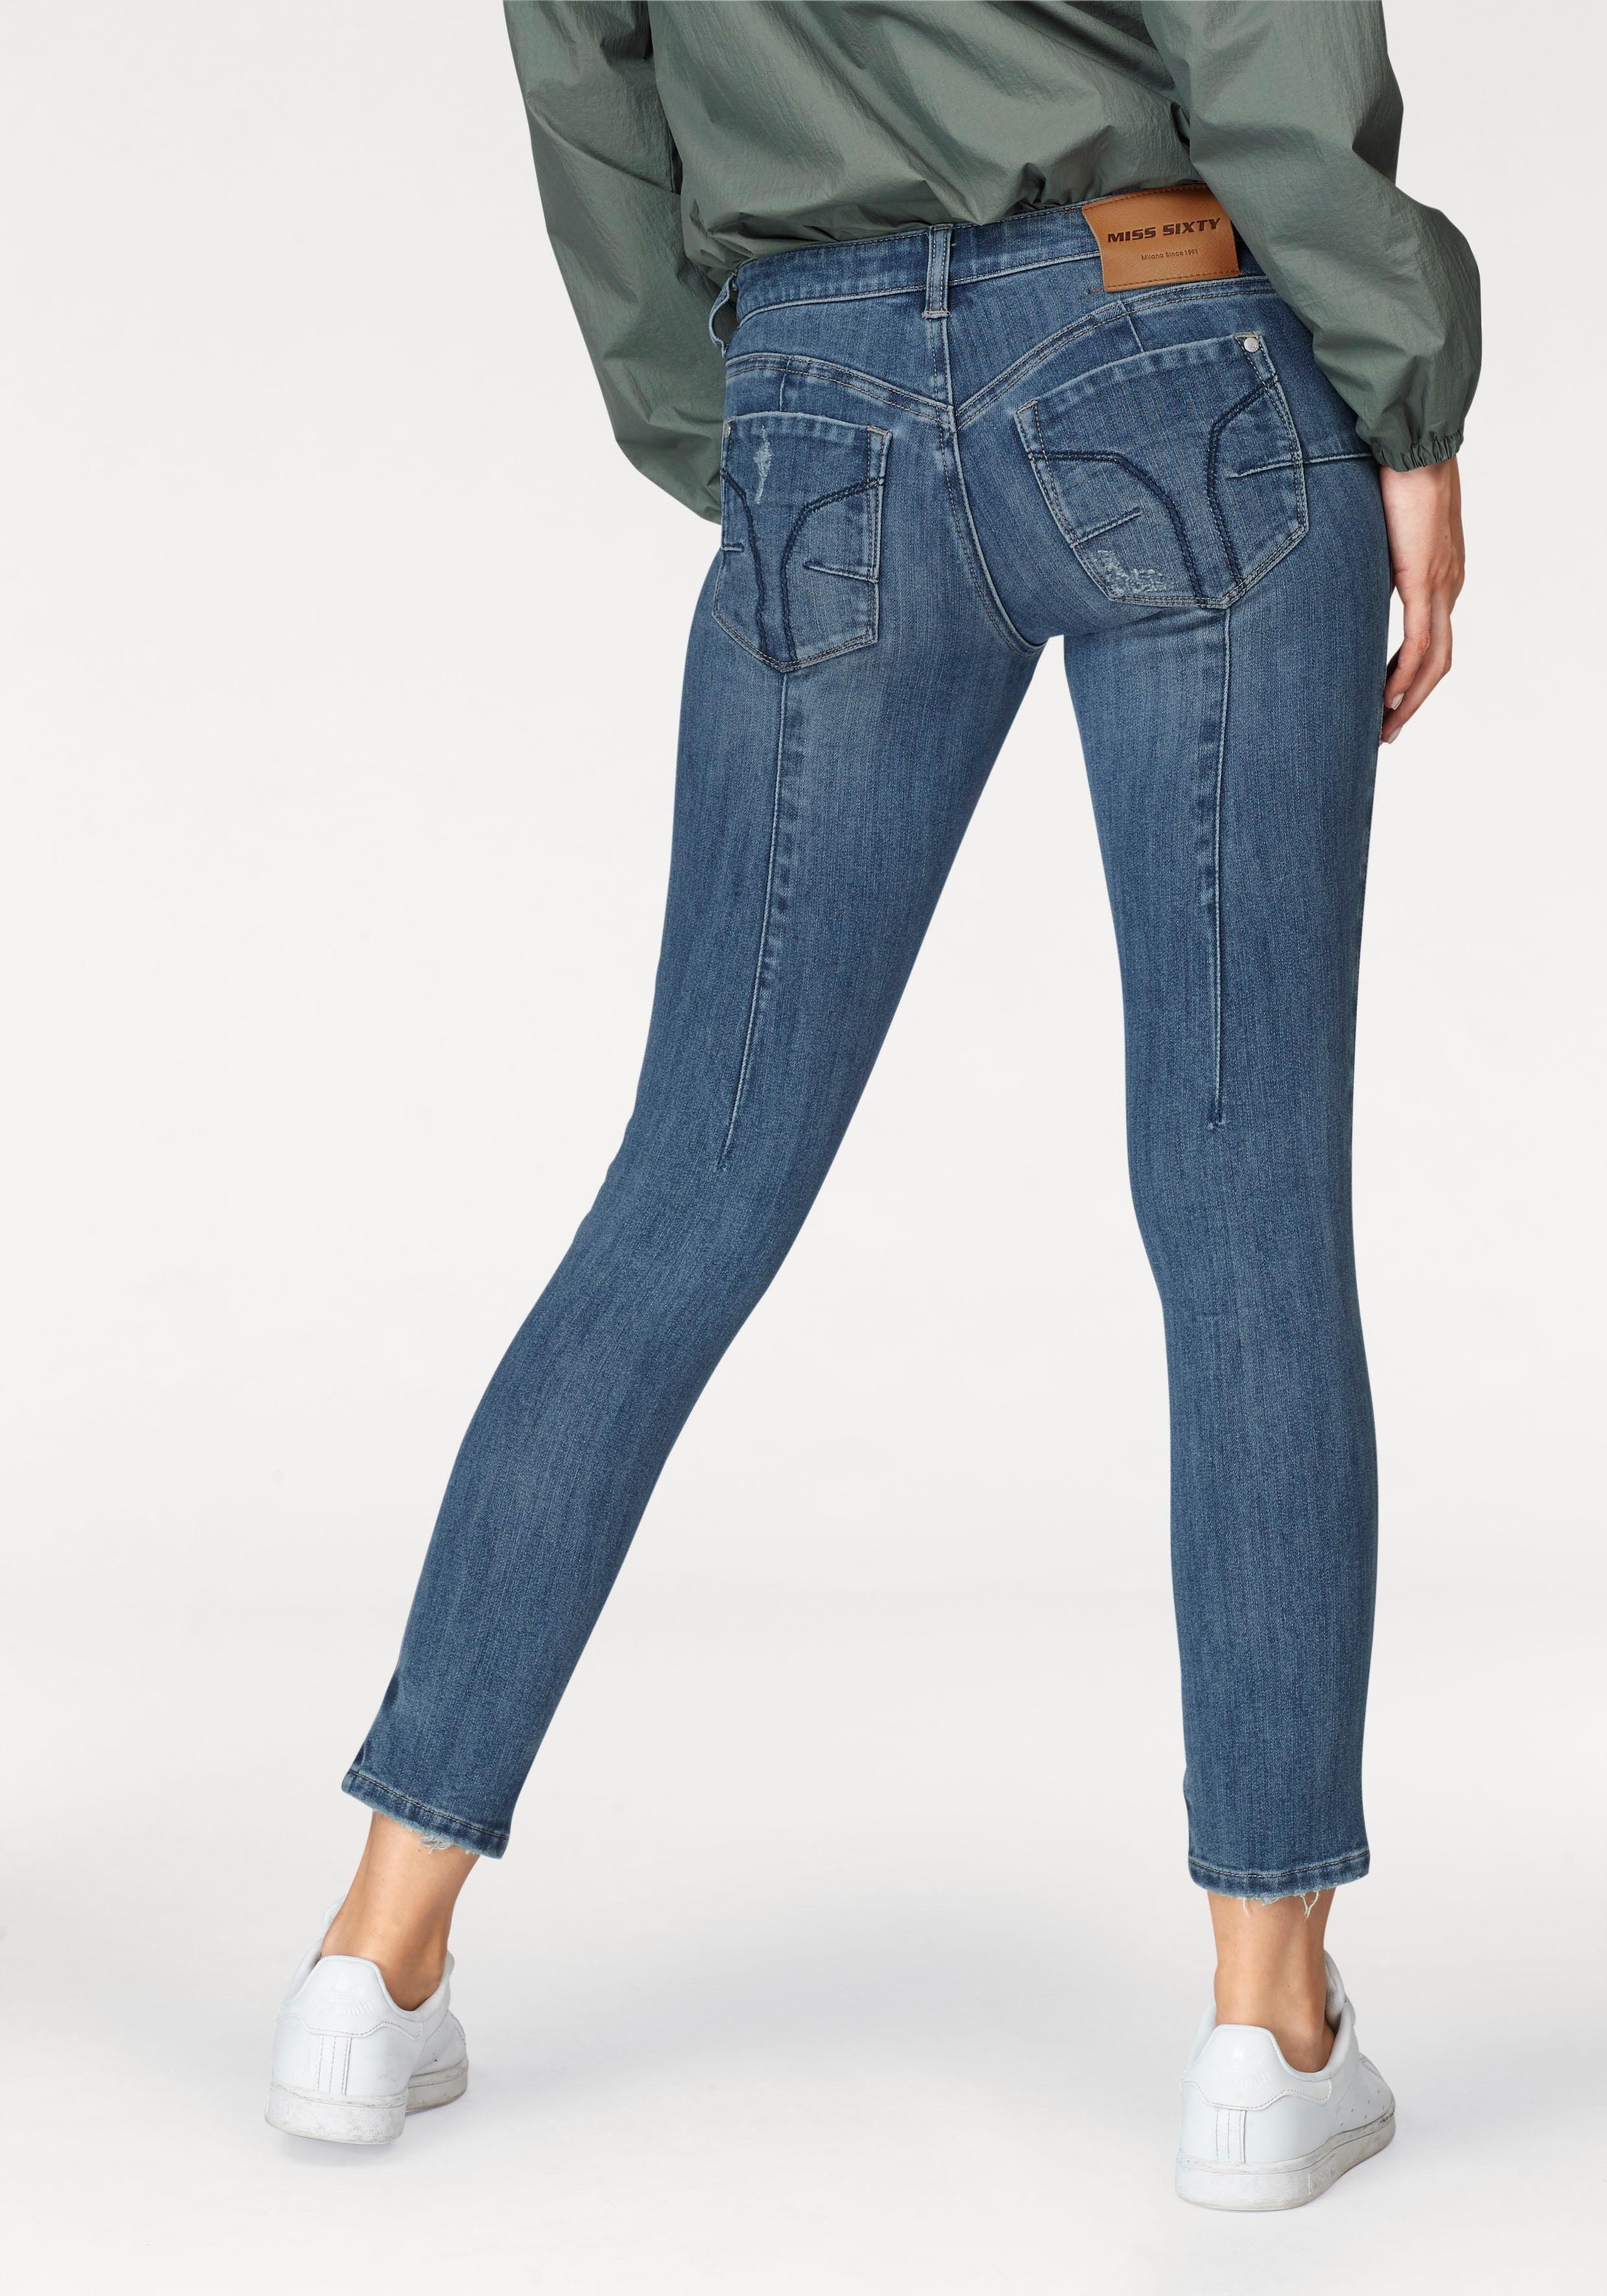 Miss Sixty Skinny-fit-jeans »blue Attack« Im Modischen Corsagen-look Dark-blue